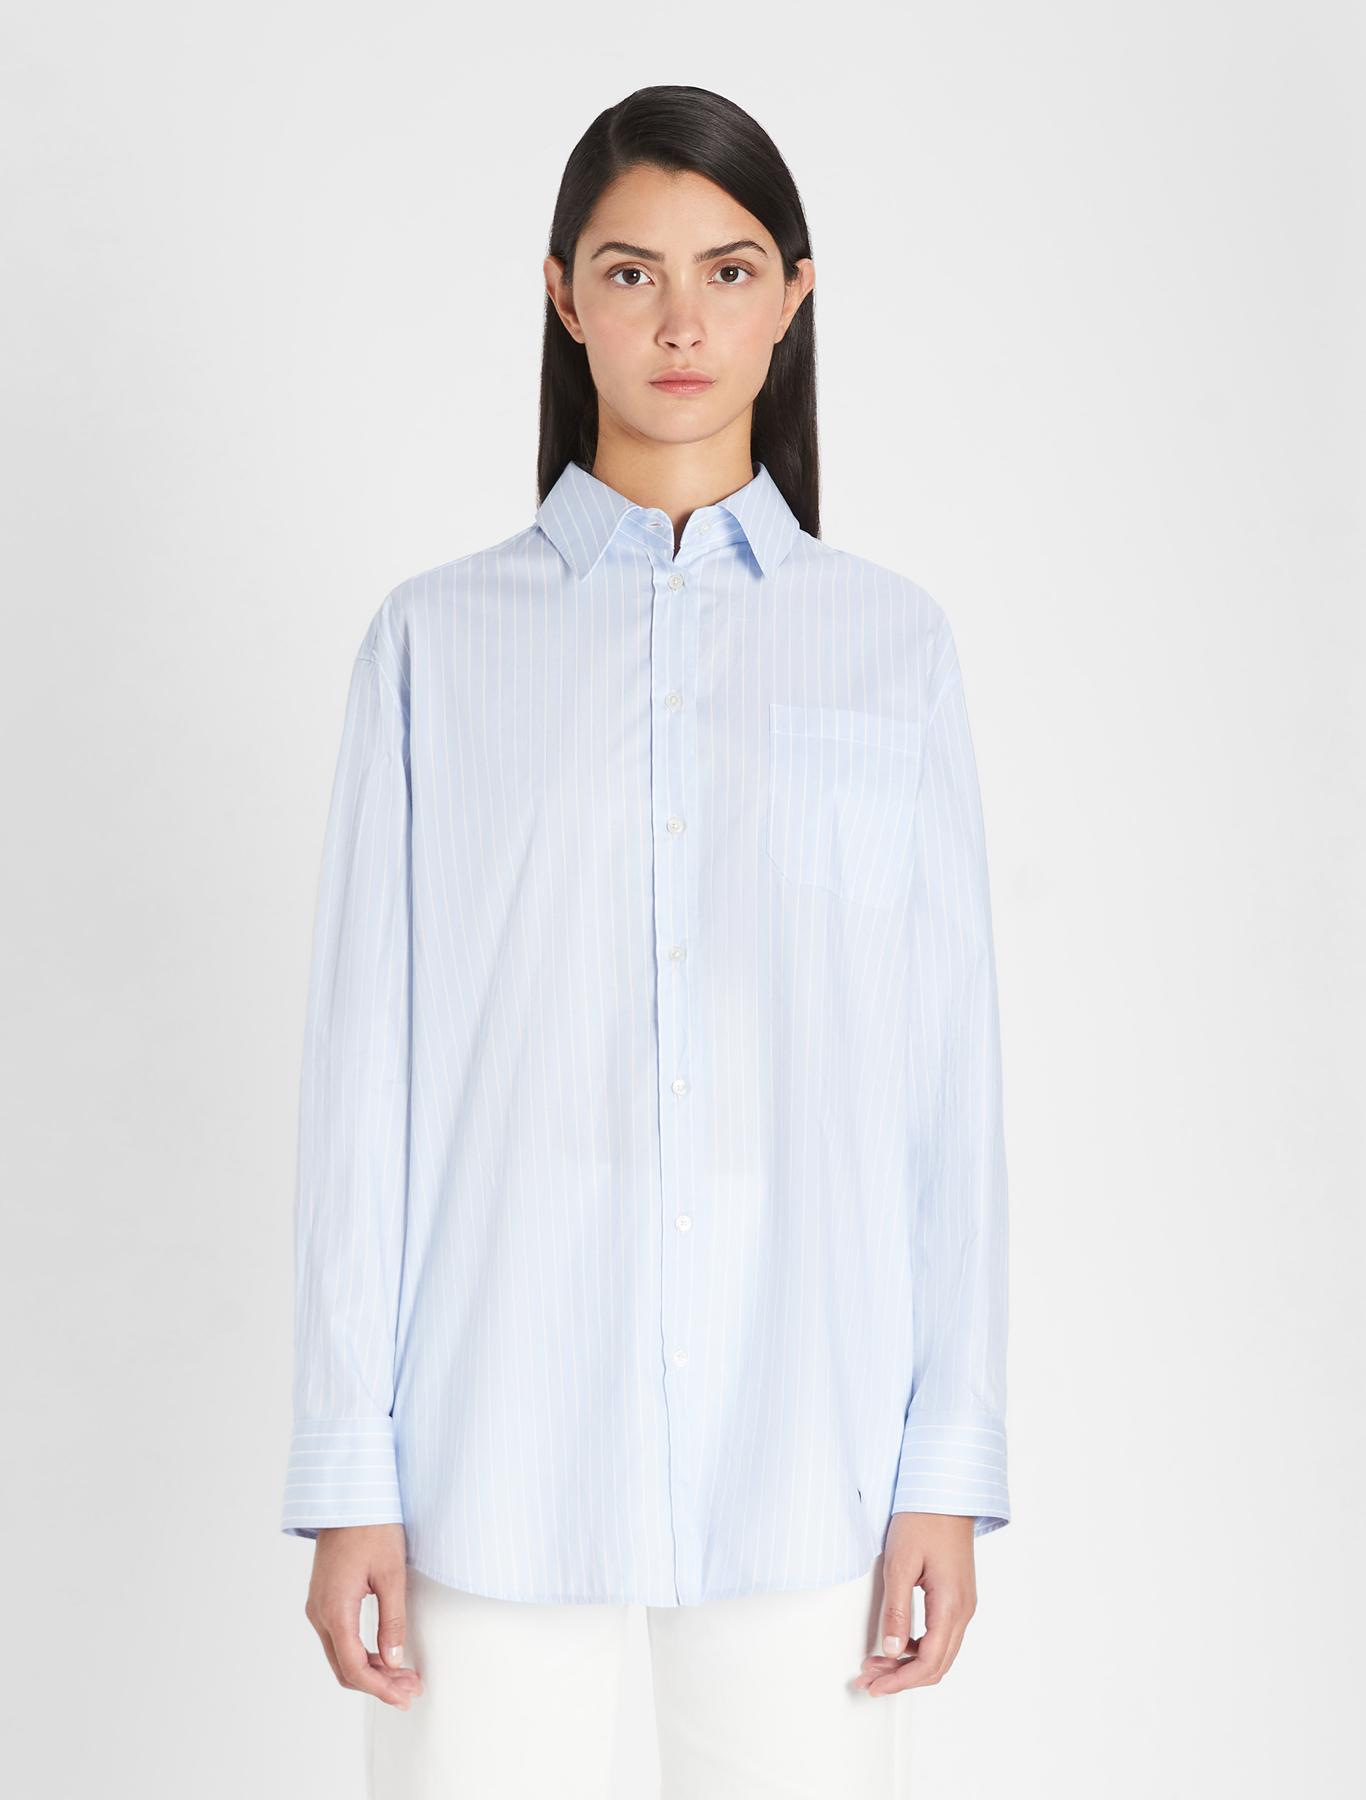 IBLUES MAX MARA robe marine Flare Jersey de coton pandoro RRP £ 159 BG